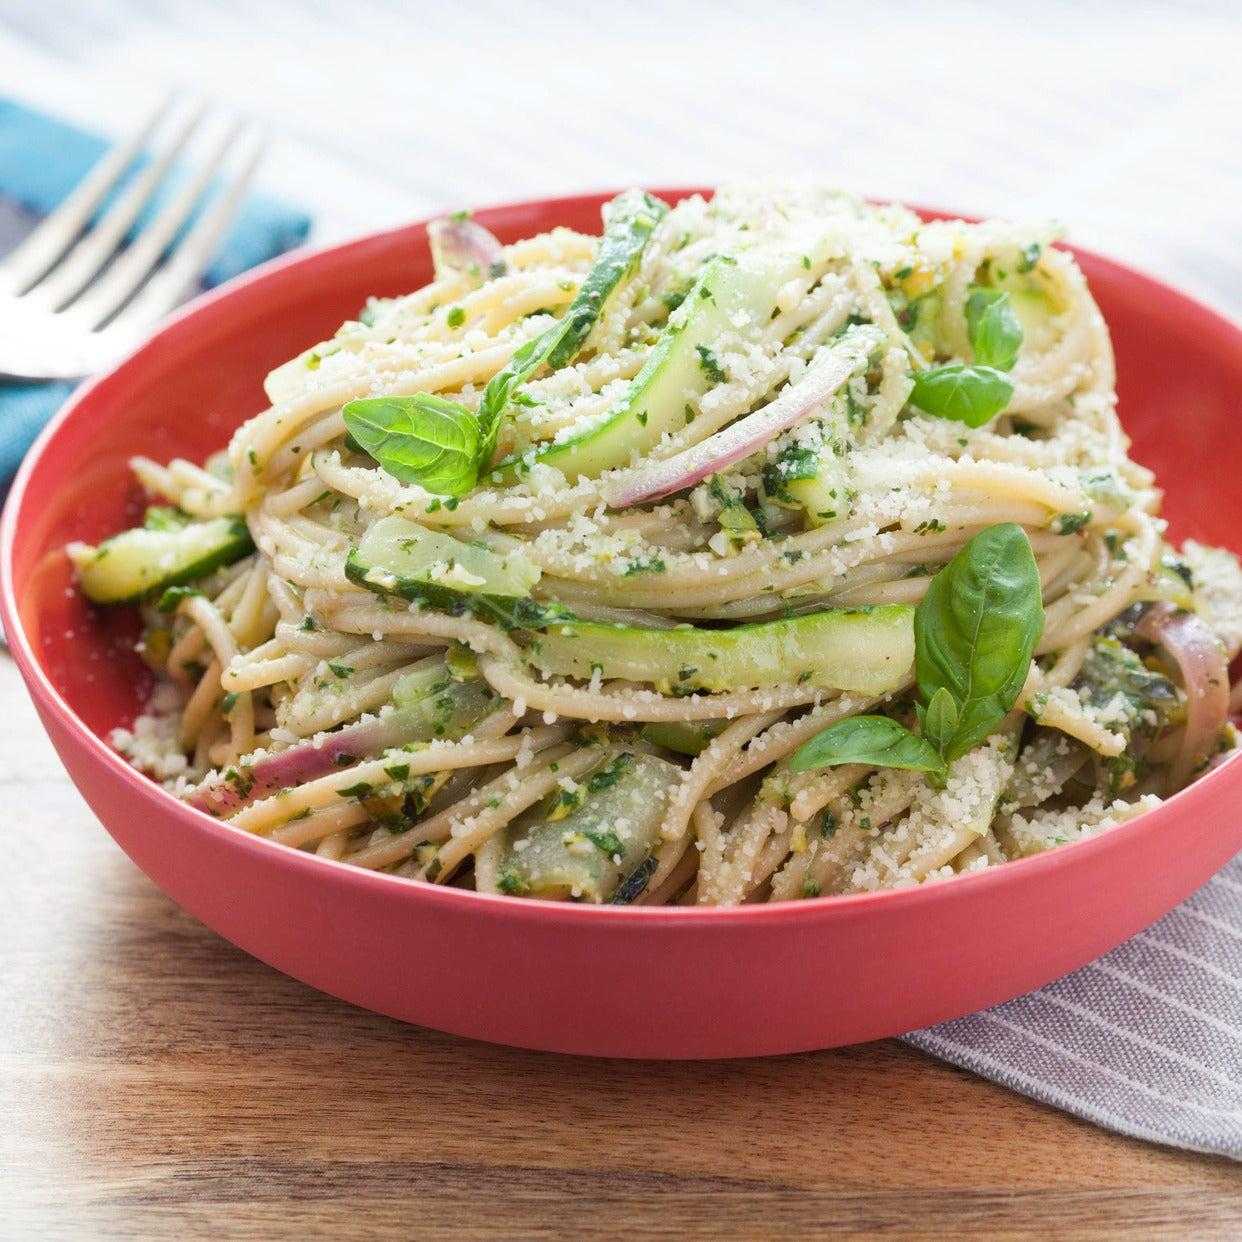 Whole Wheat Spaghetti & Zucchini with Pistachio-Spinach Pesto